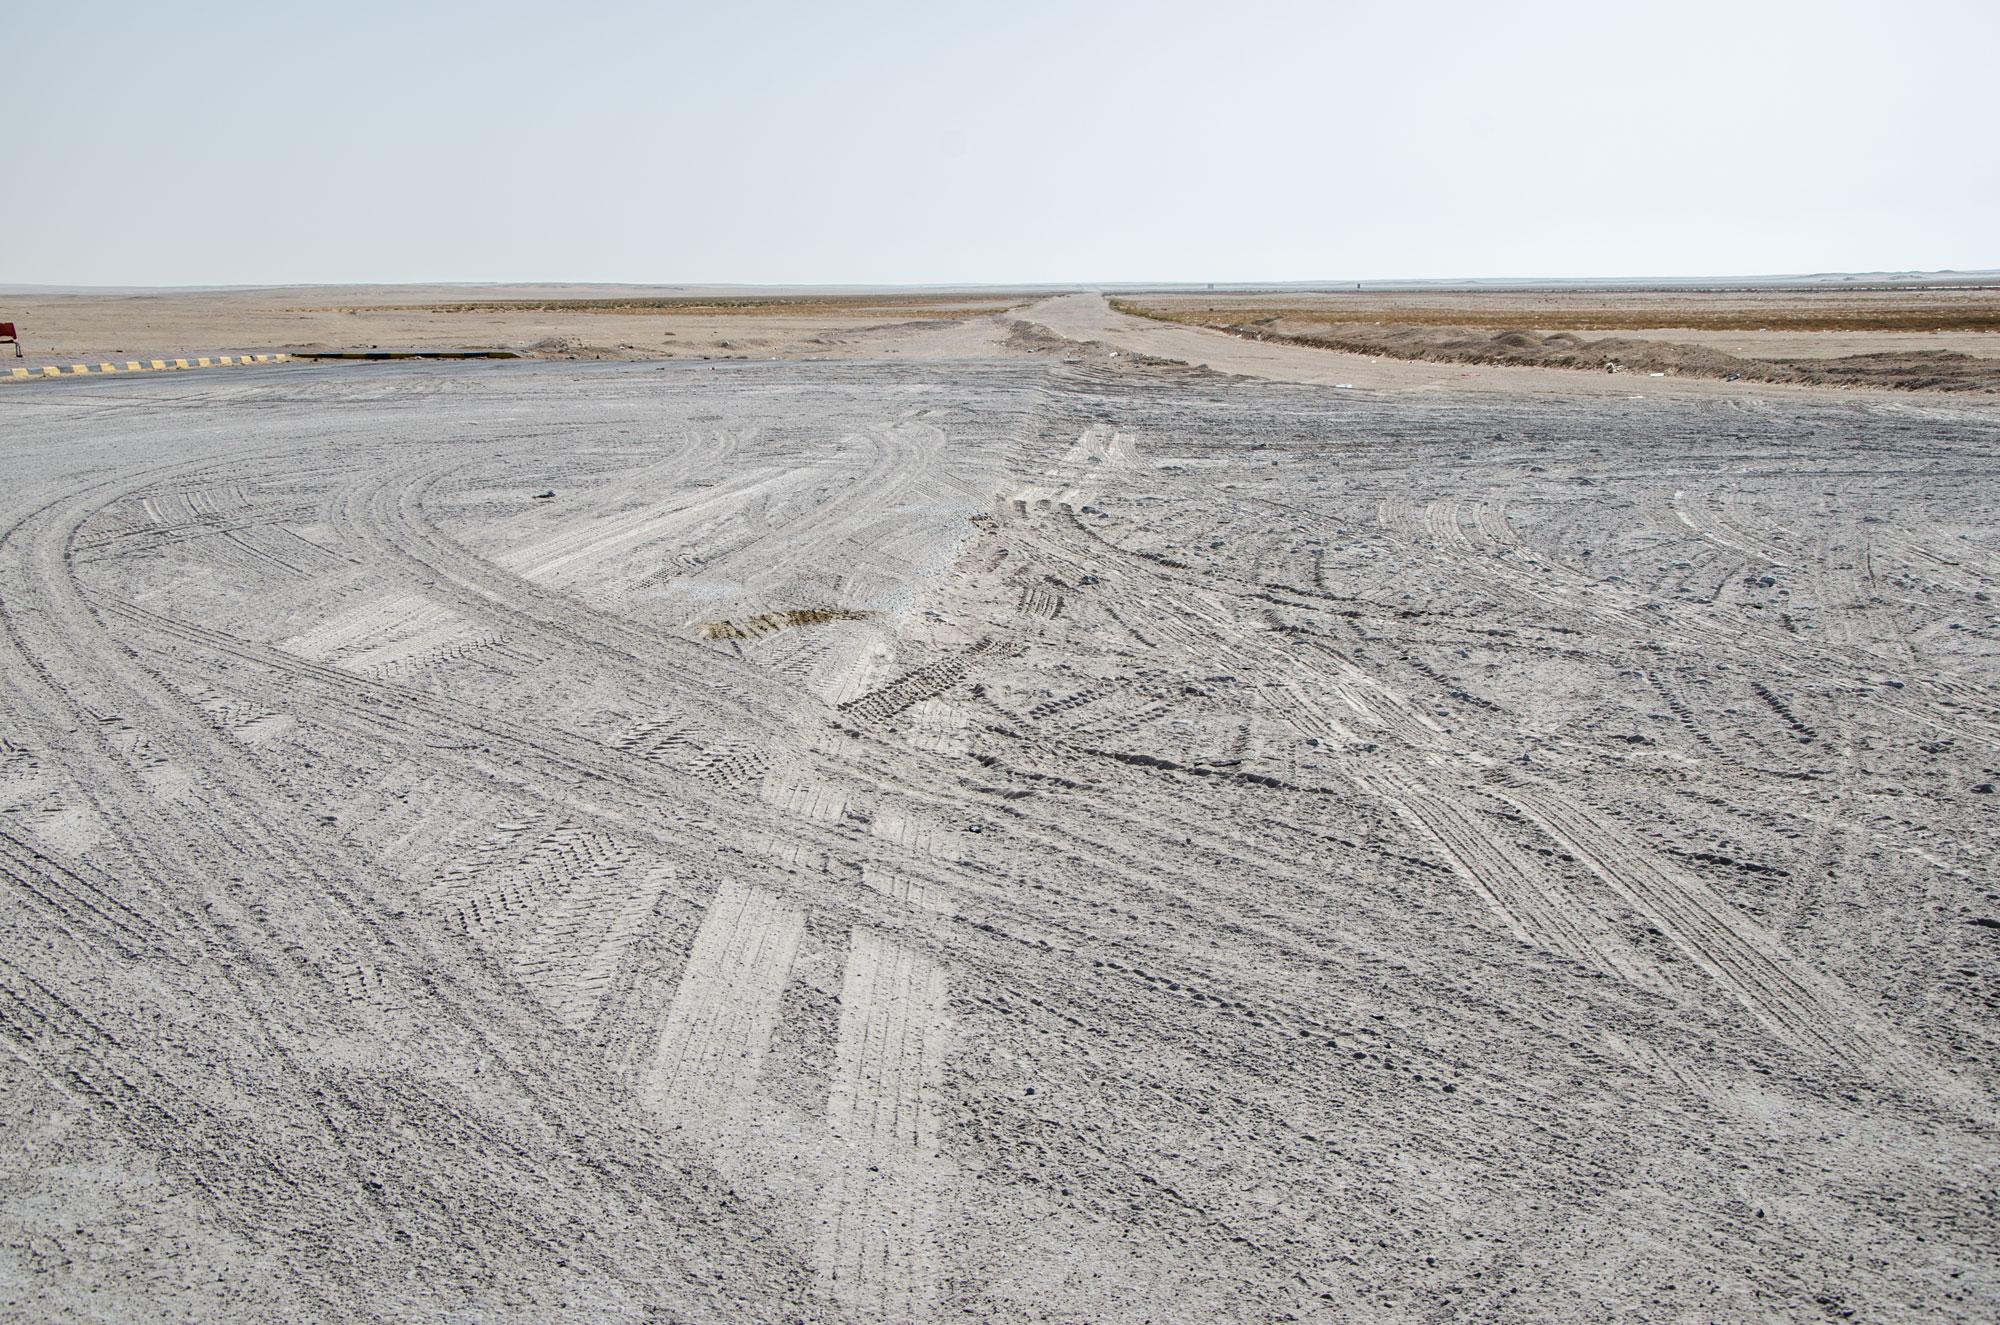 Das Ende der Wüstensafari: Vor uns liegen wieder hunderte Kilometer Straße. Foto: Lothar Ruttner